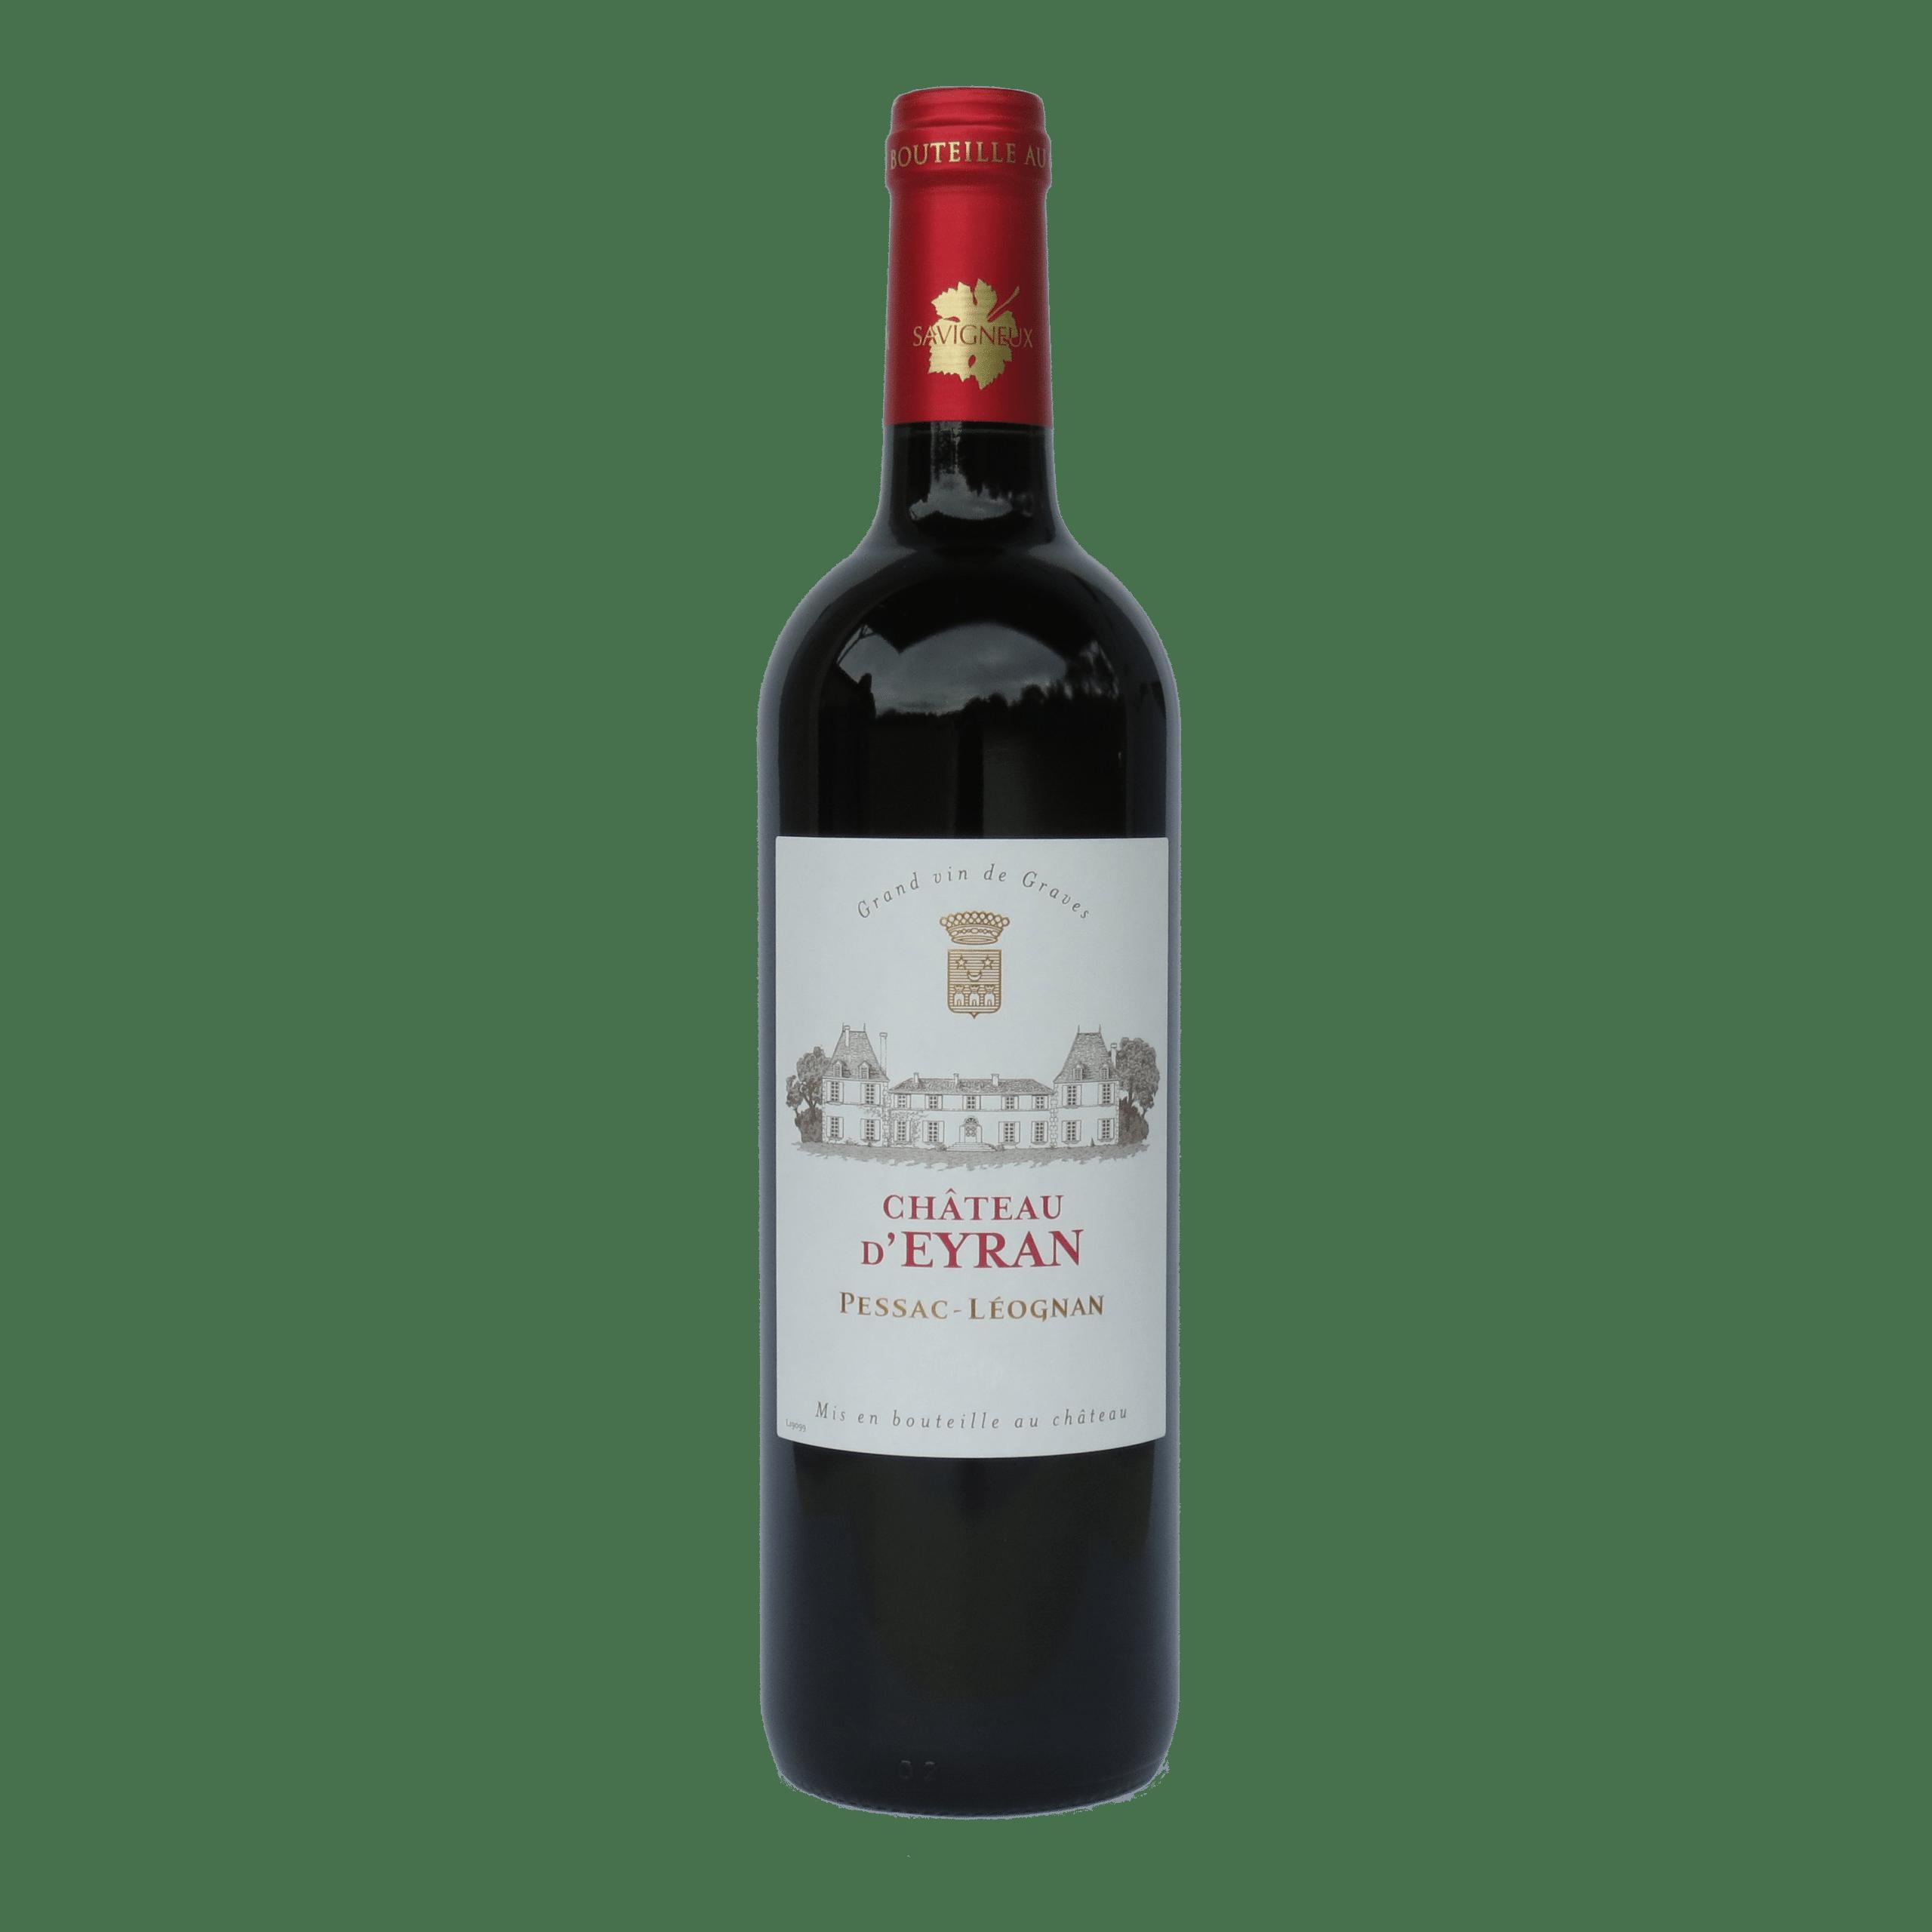 chateau-d-eyran-rouge-bouteille-pessac-leognan